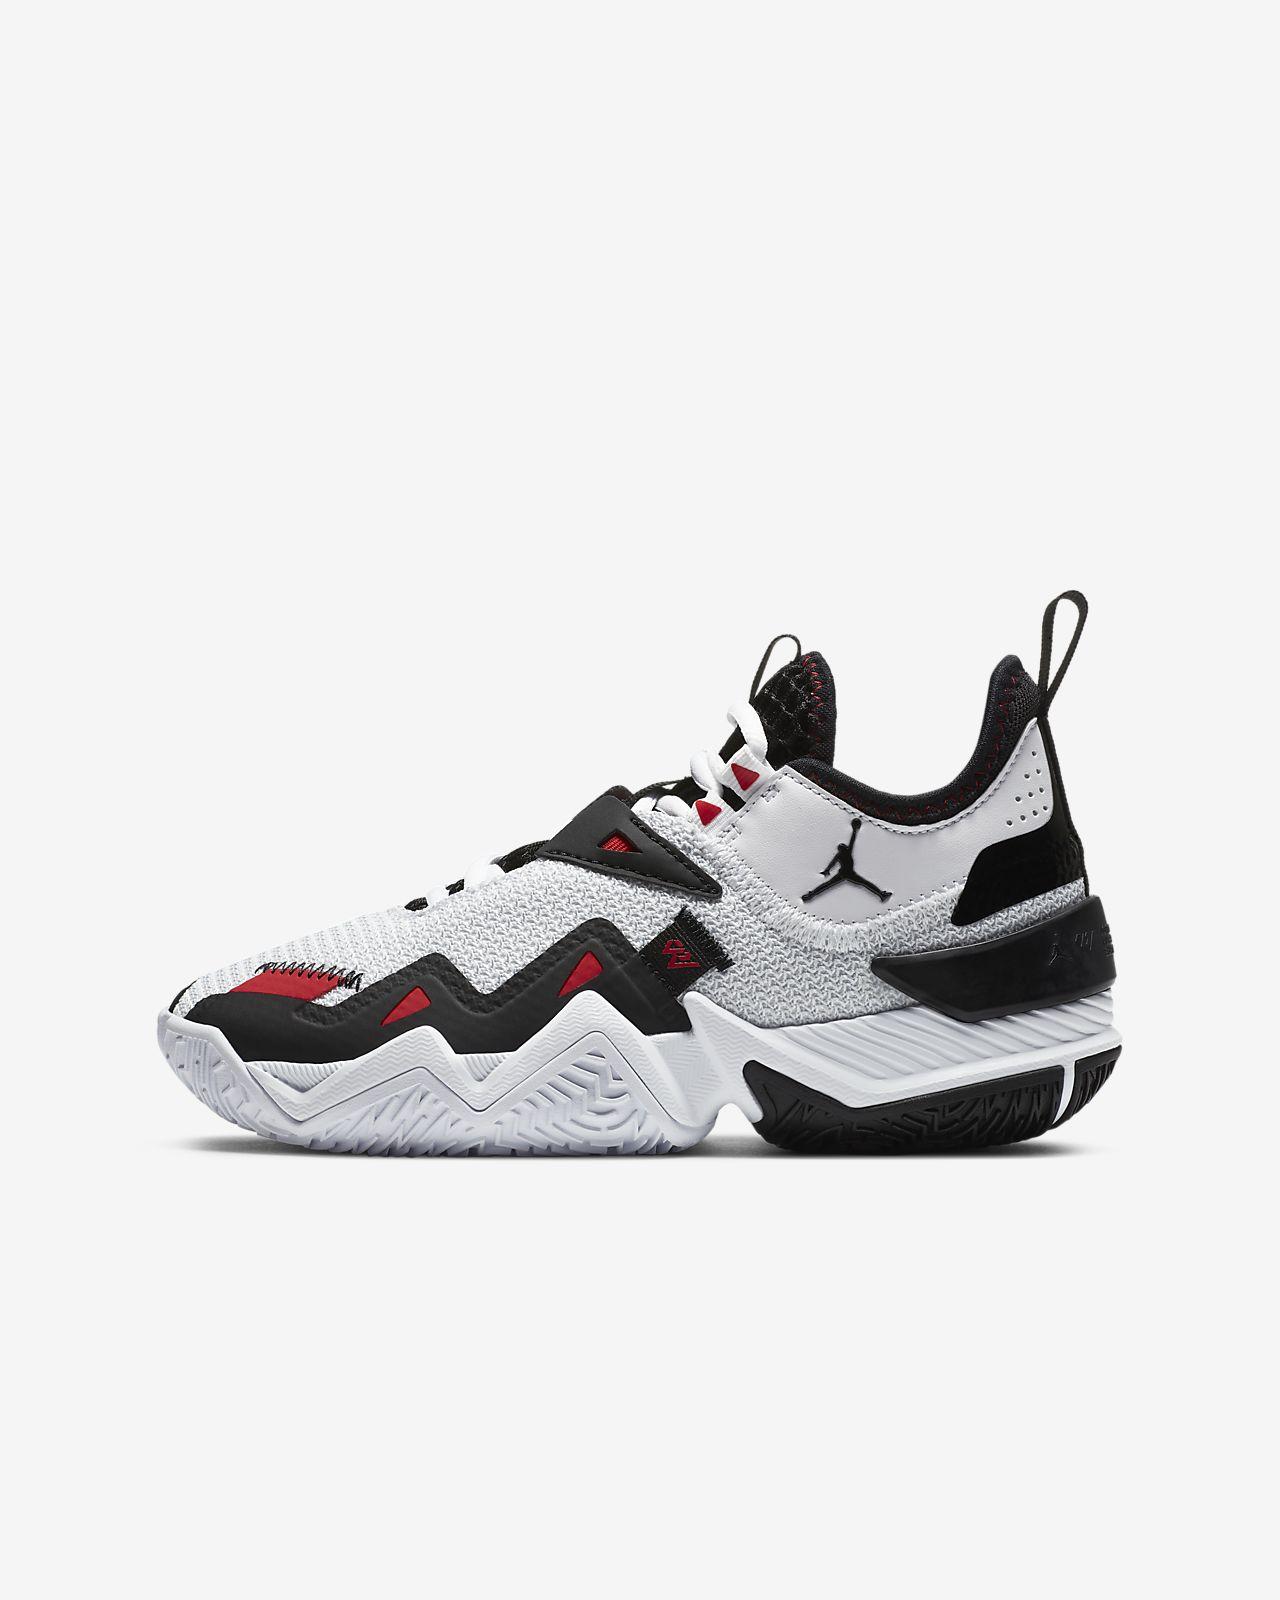 Jordan Westbrook One Take Older Kids' Basketball Shoe